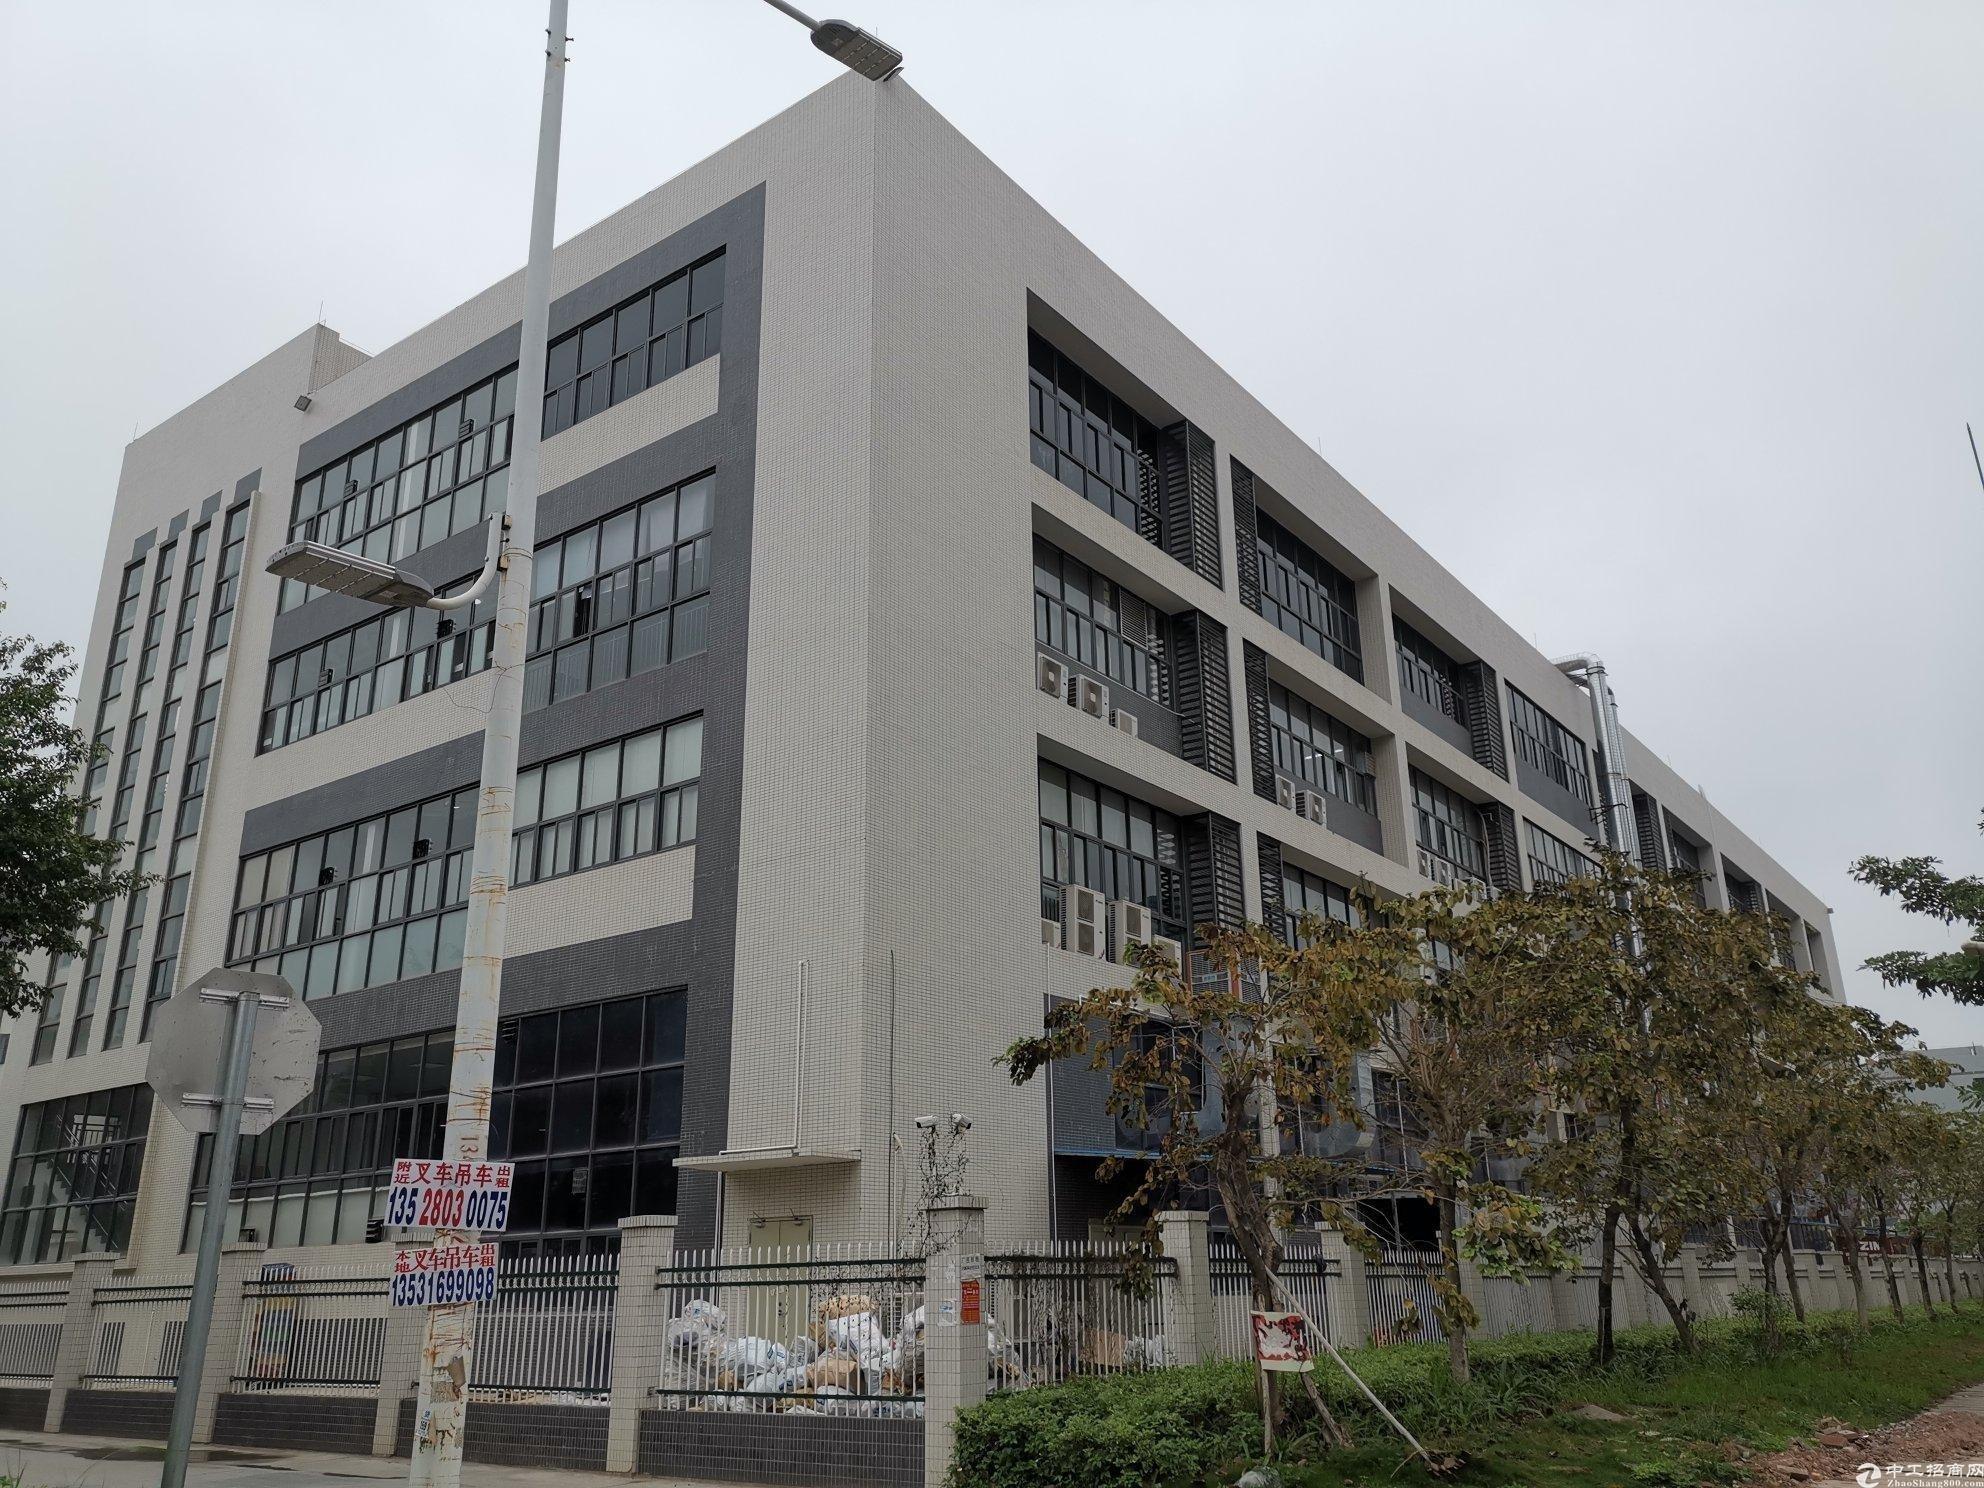 惠州大亚湾688㎡/层红本标准厂房按层出售大小可分可按揭